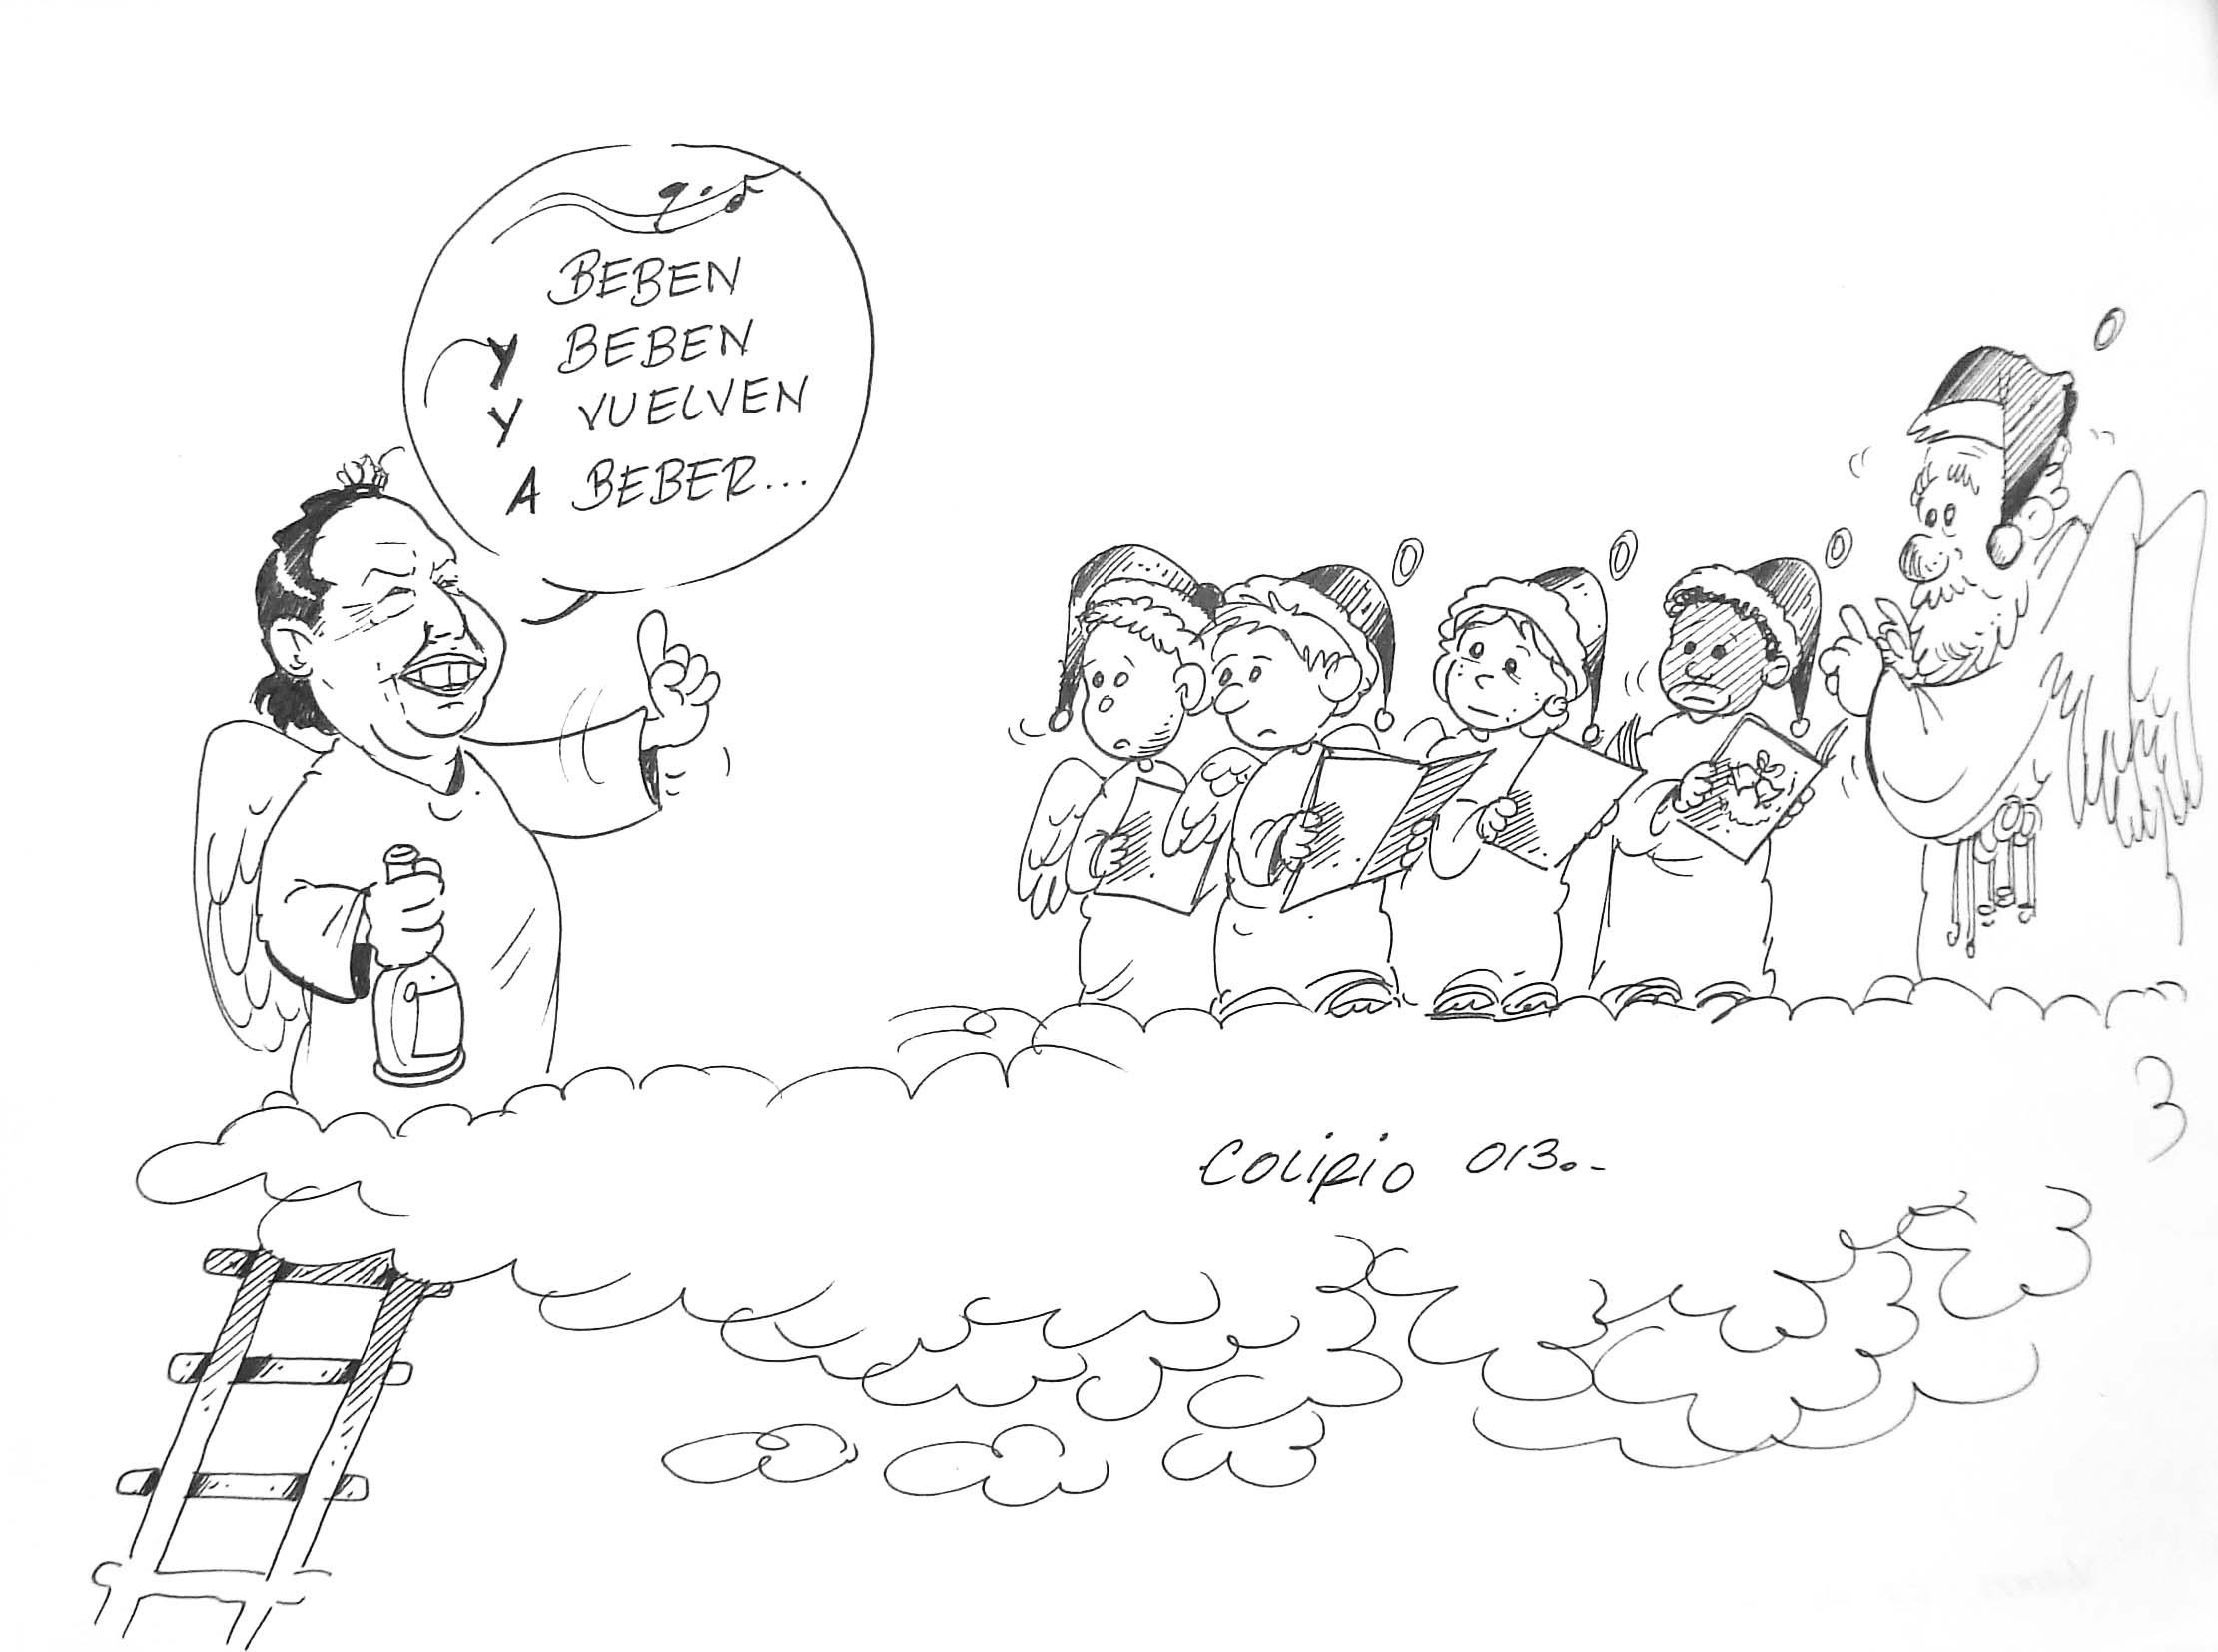 carica viernes 27 de diciembre de 2013